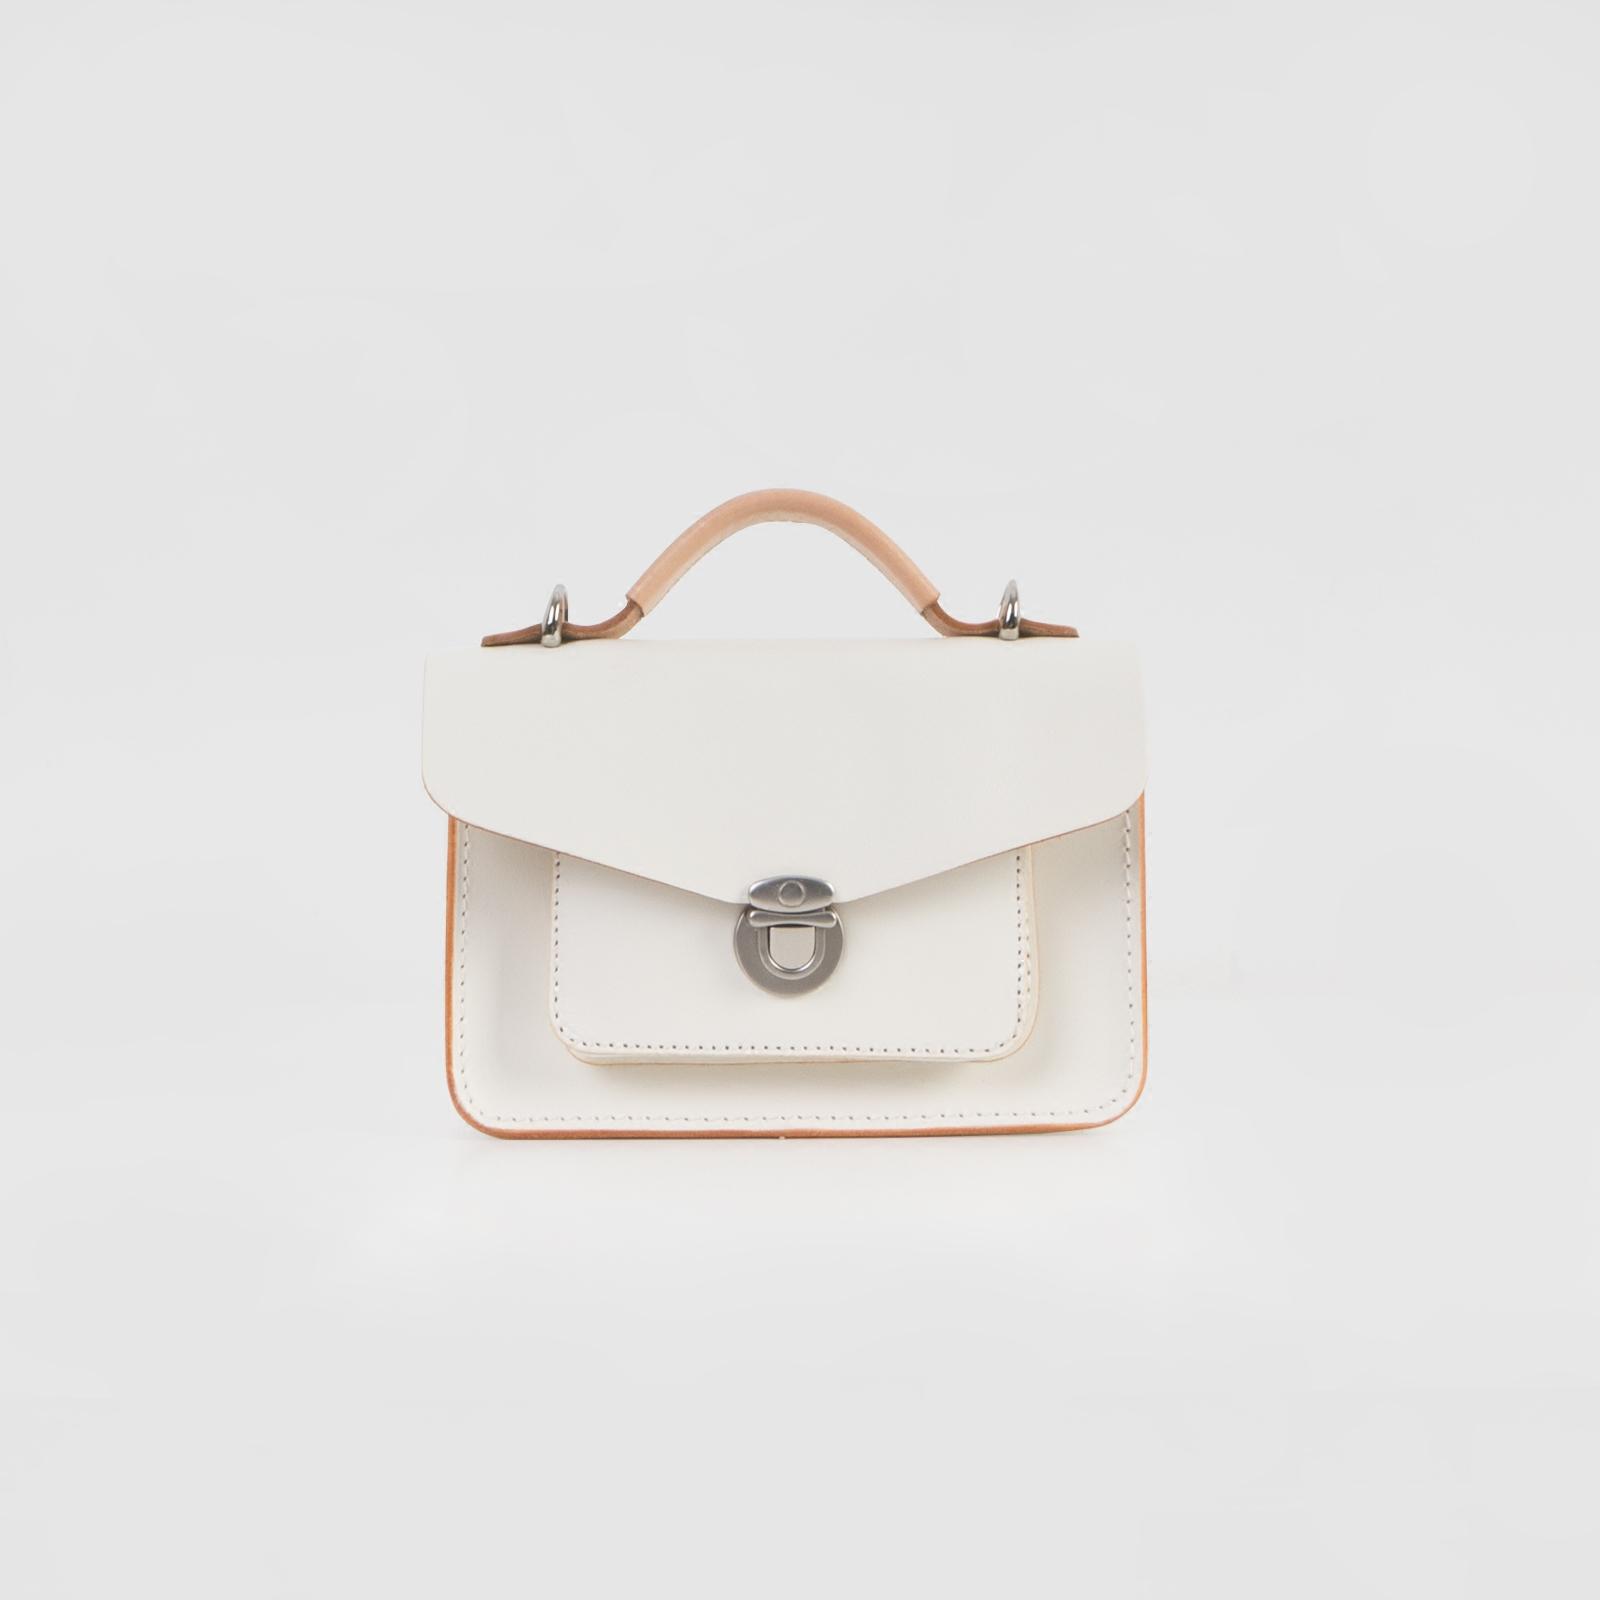 七月夏卡尔2017新款头层植鞣牛皮白色迷你邮差包单肩斜挎小方包女